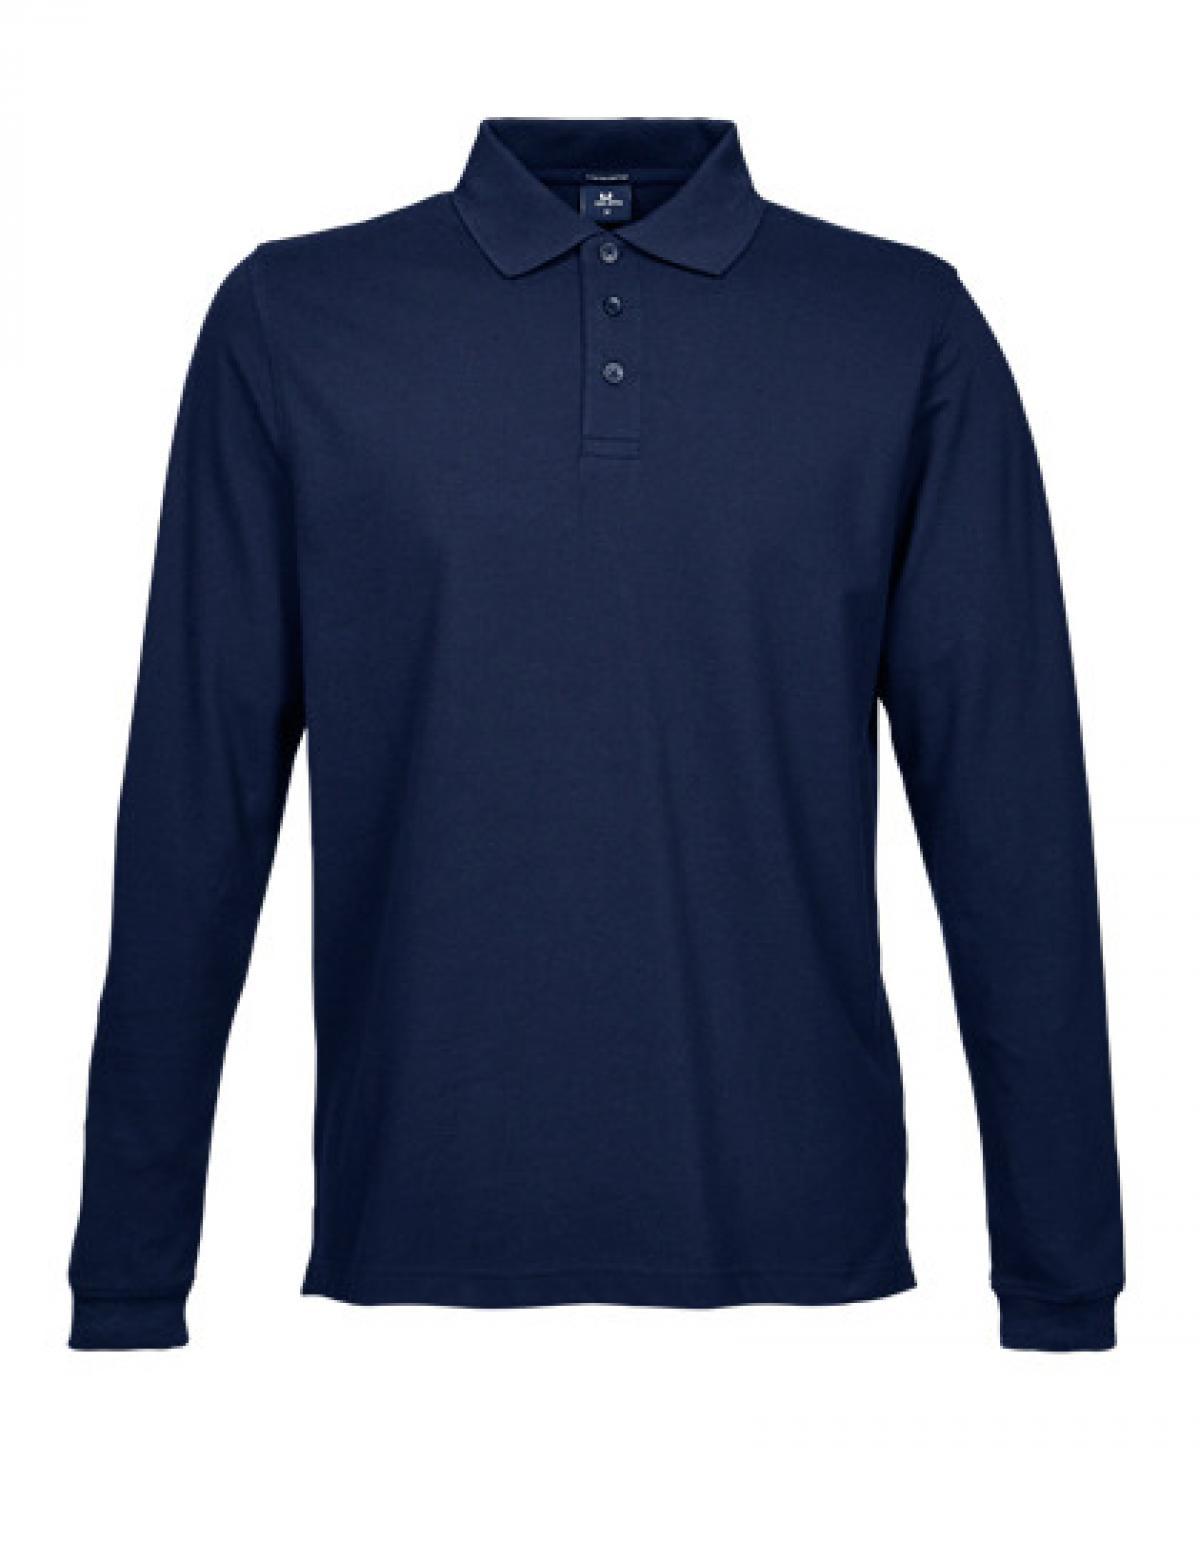 Mens stretch long sleeve poloshirt rexlander s for Stretch polo shirt mens